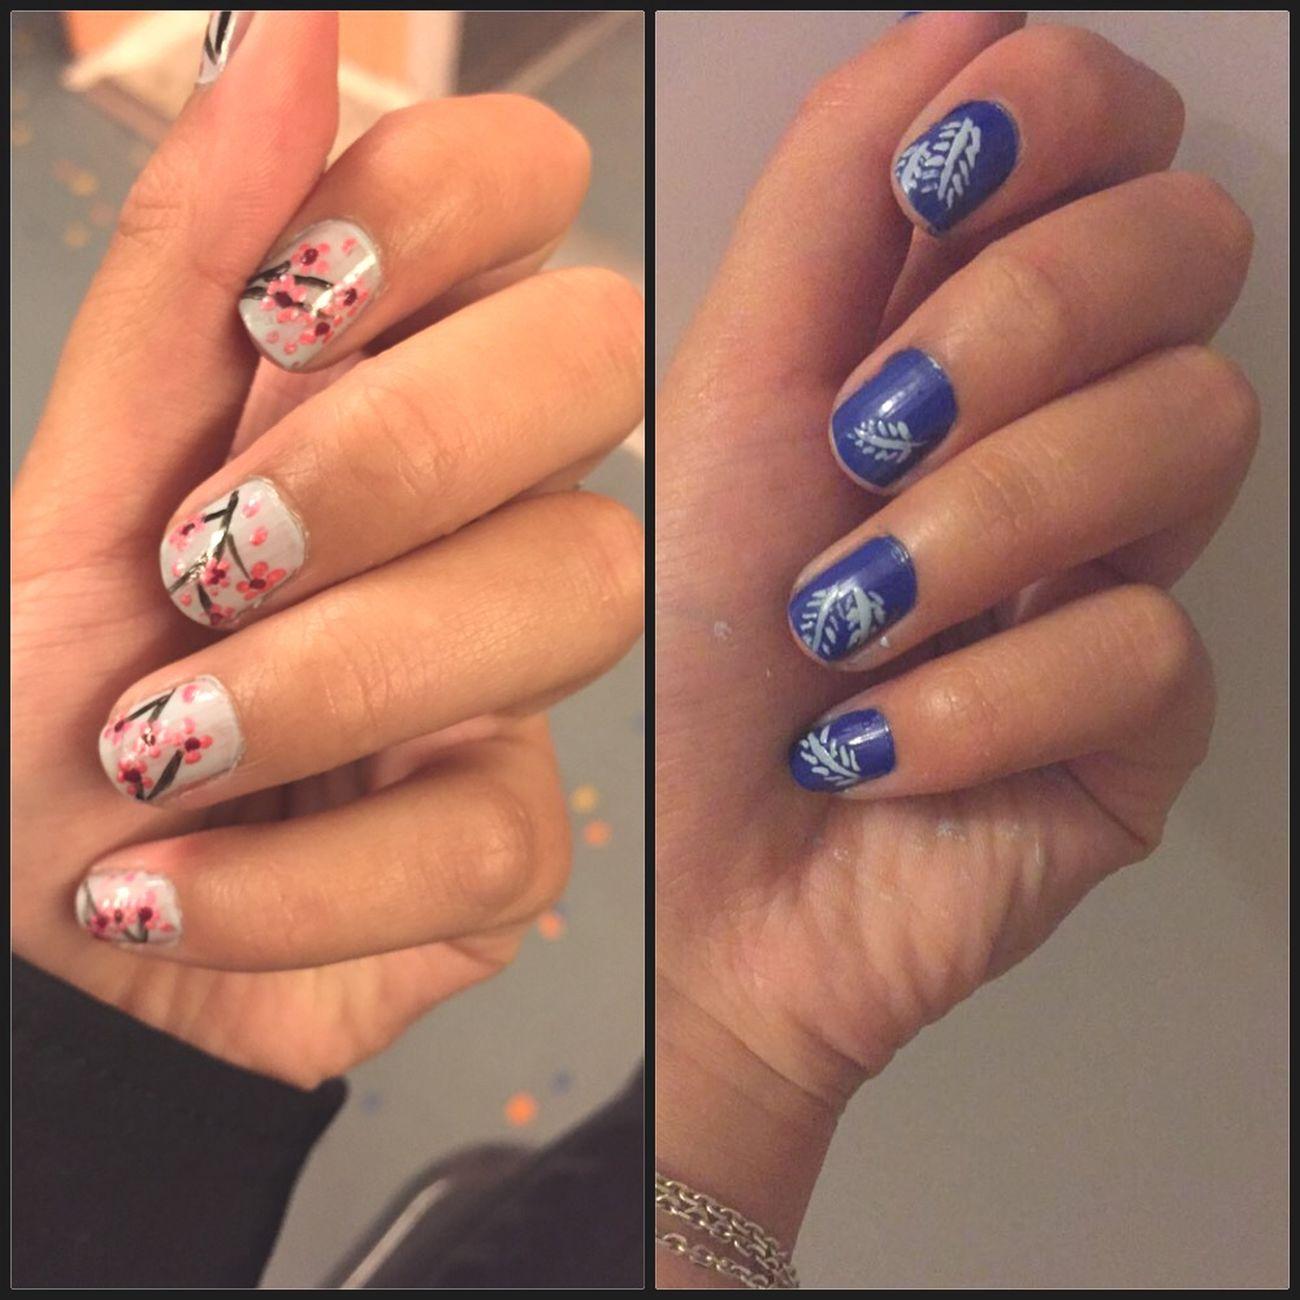 Nail art~♥️~ Nails Nail Art Nailart  Lovely Check This Out Hello World Nailpolish Cute Cherry Blossoms Leaves